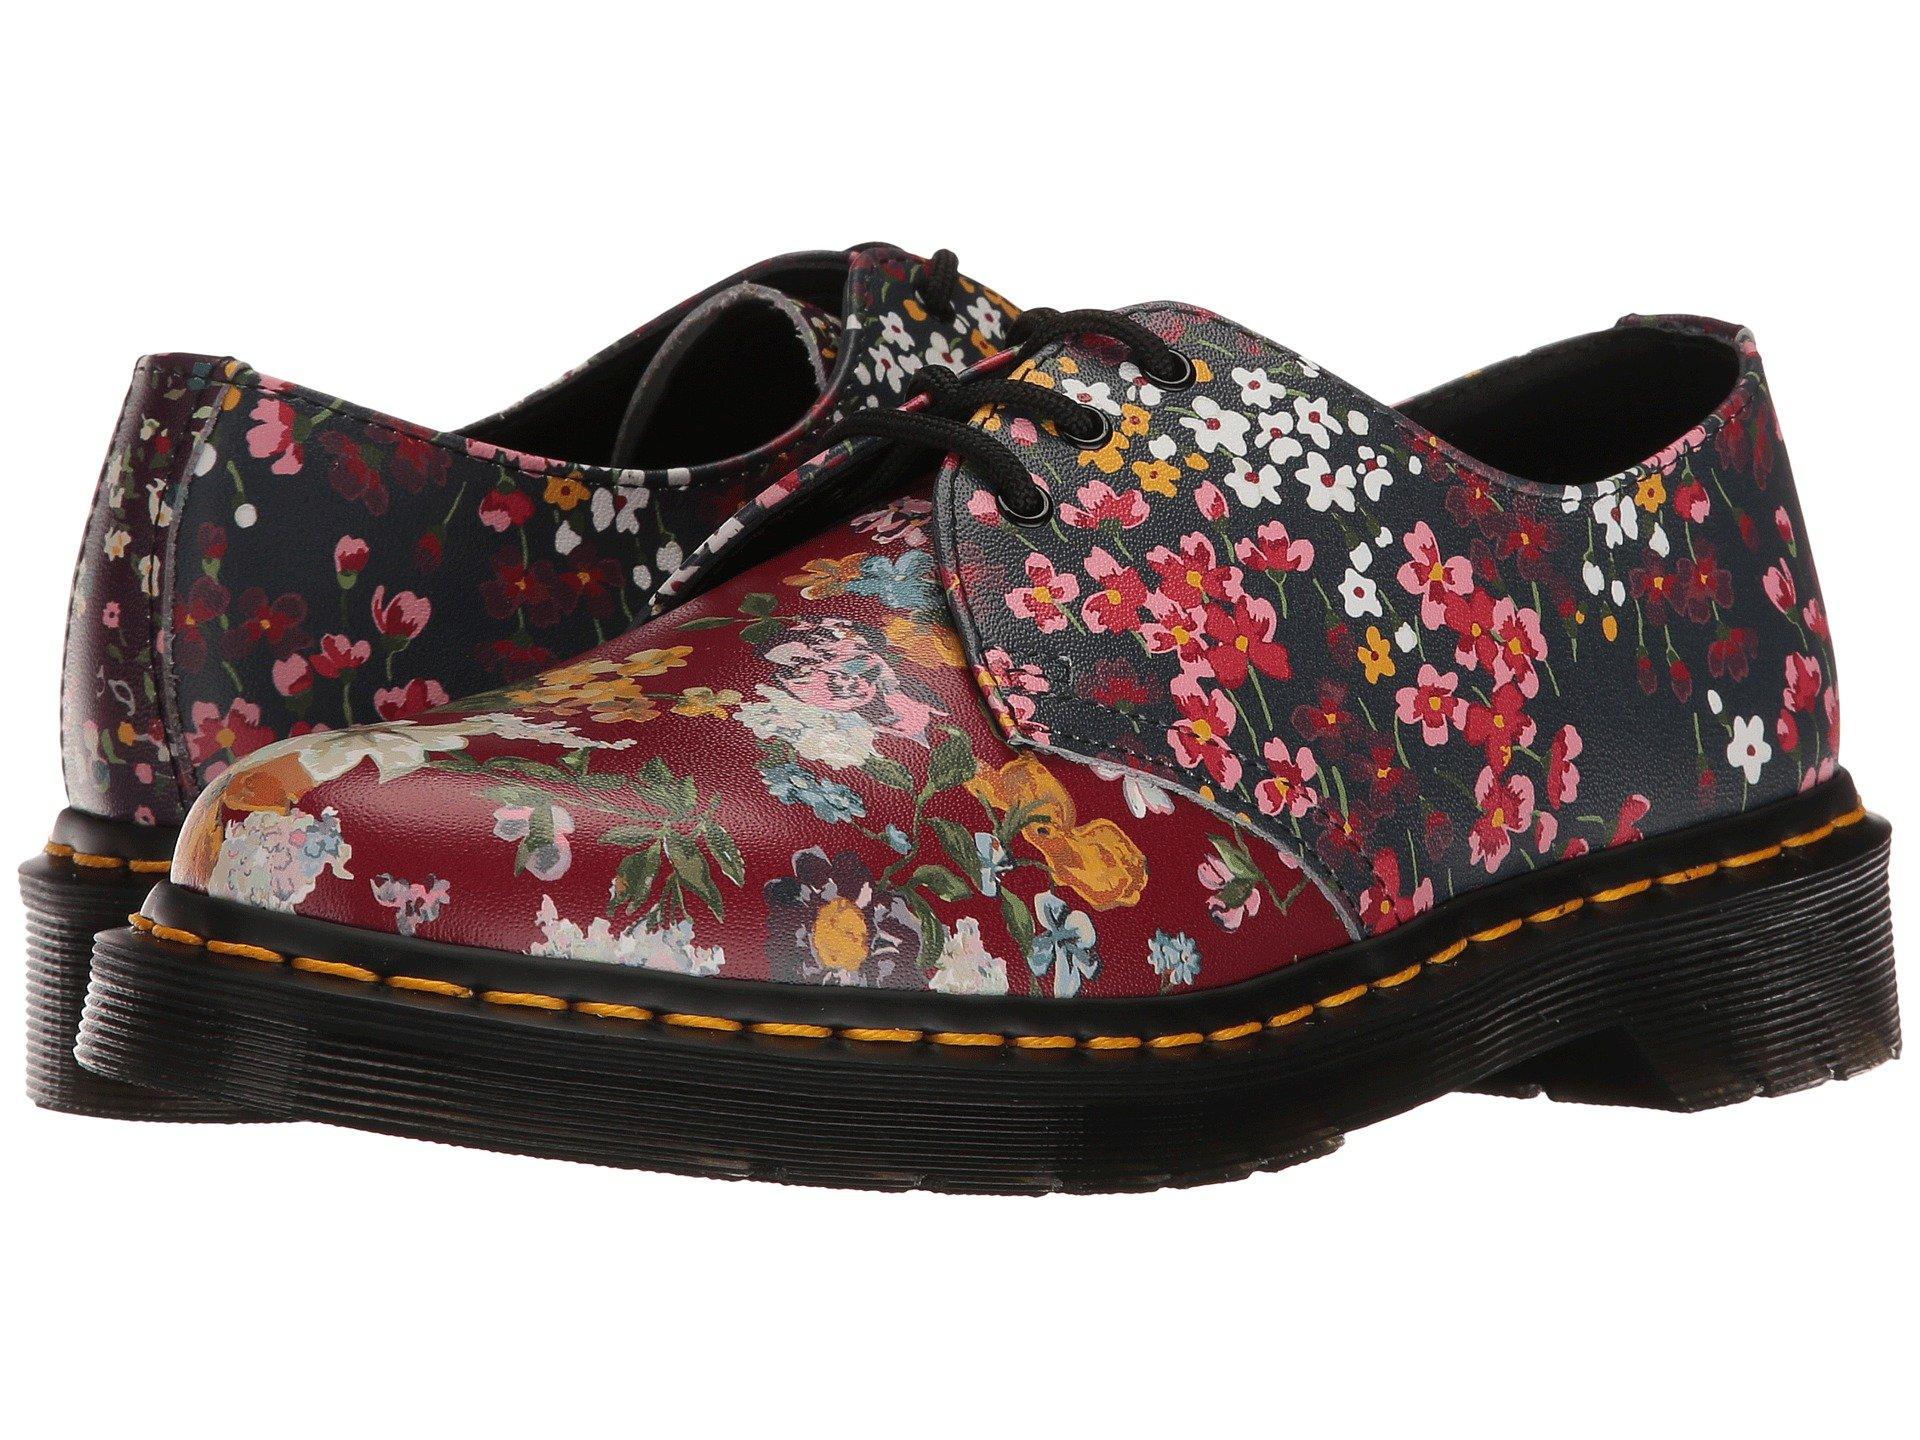 Zapato Casual para Mujer Dr. Martens 1461 FC  + Dr. Martens en VeoyCompro.net